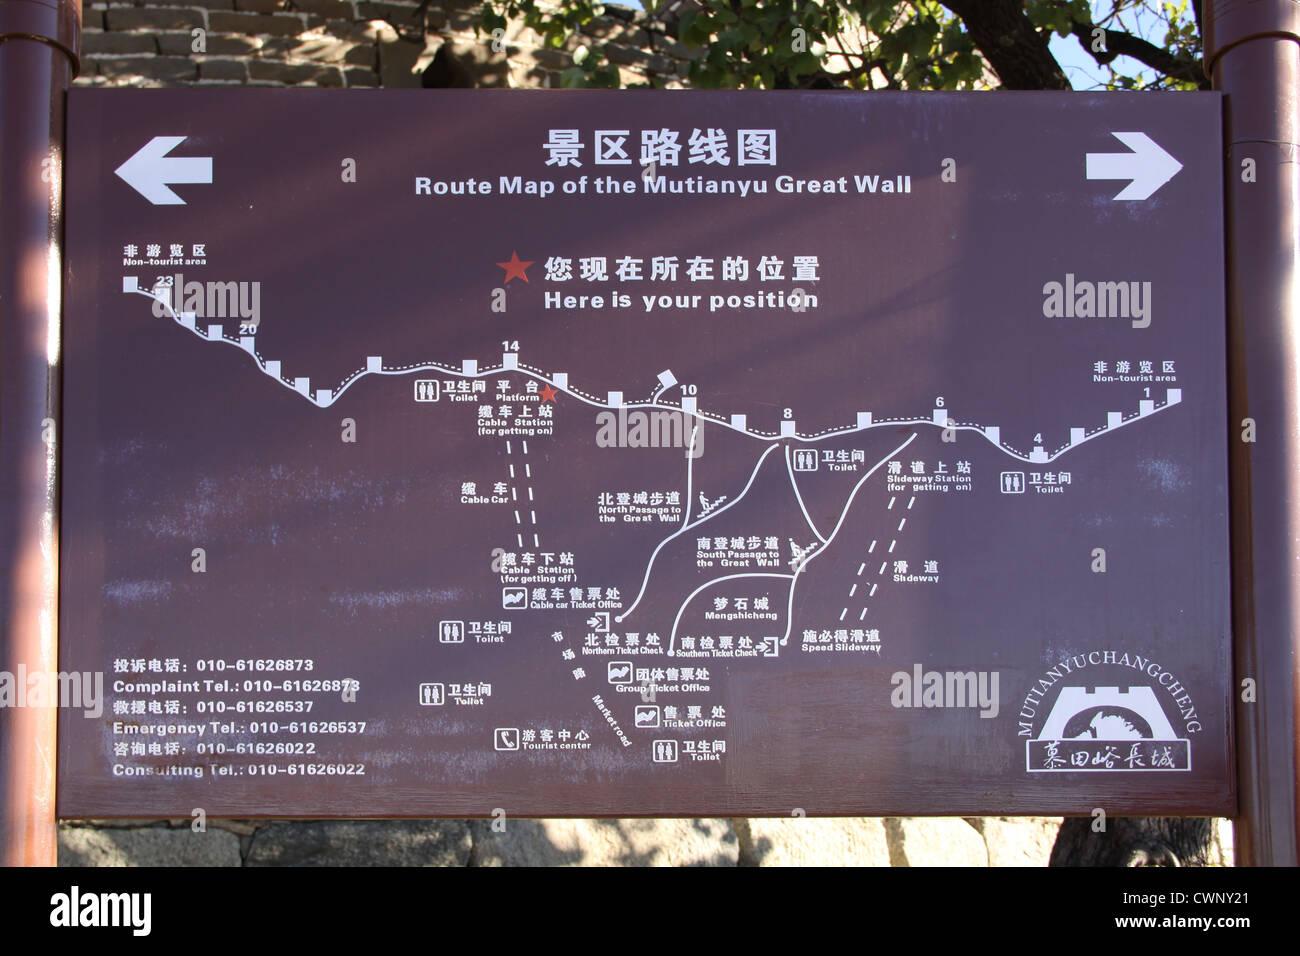 Chinesische Mauer Karte.Karte Von Der Chinesischen Mauer Bei Mutianyu China Stockfoto Bild